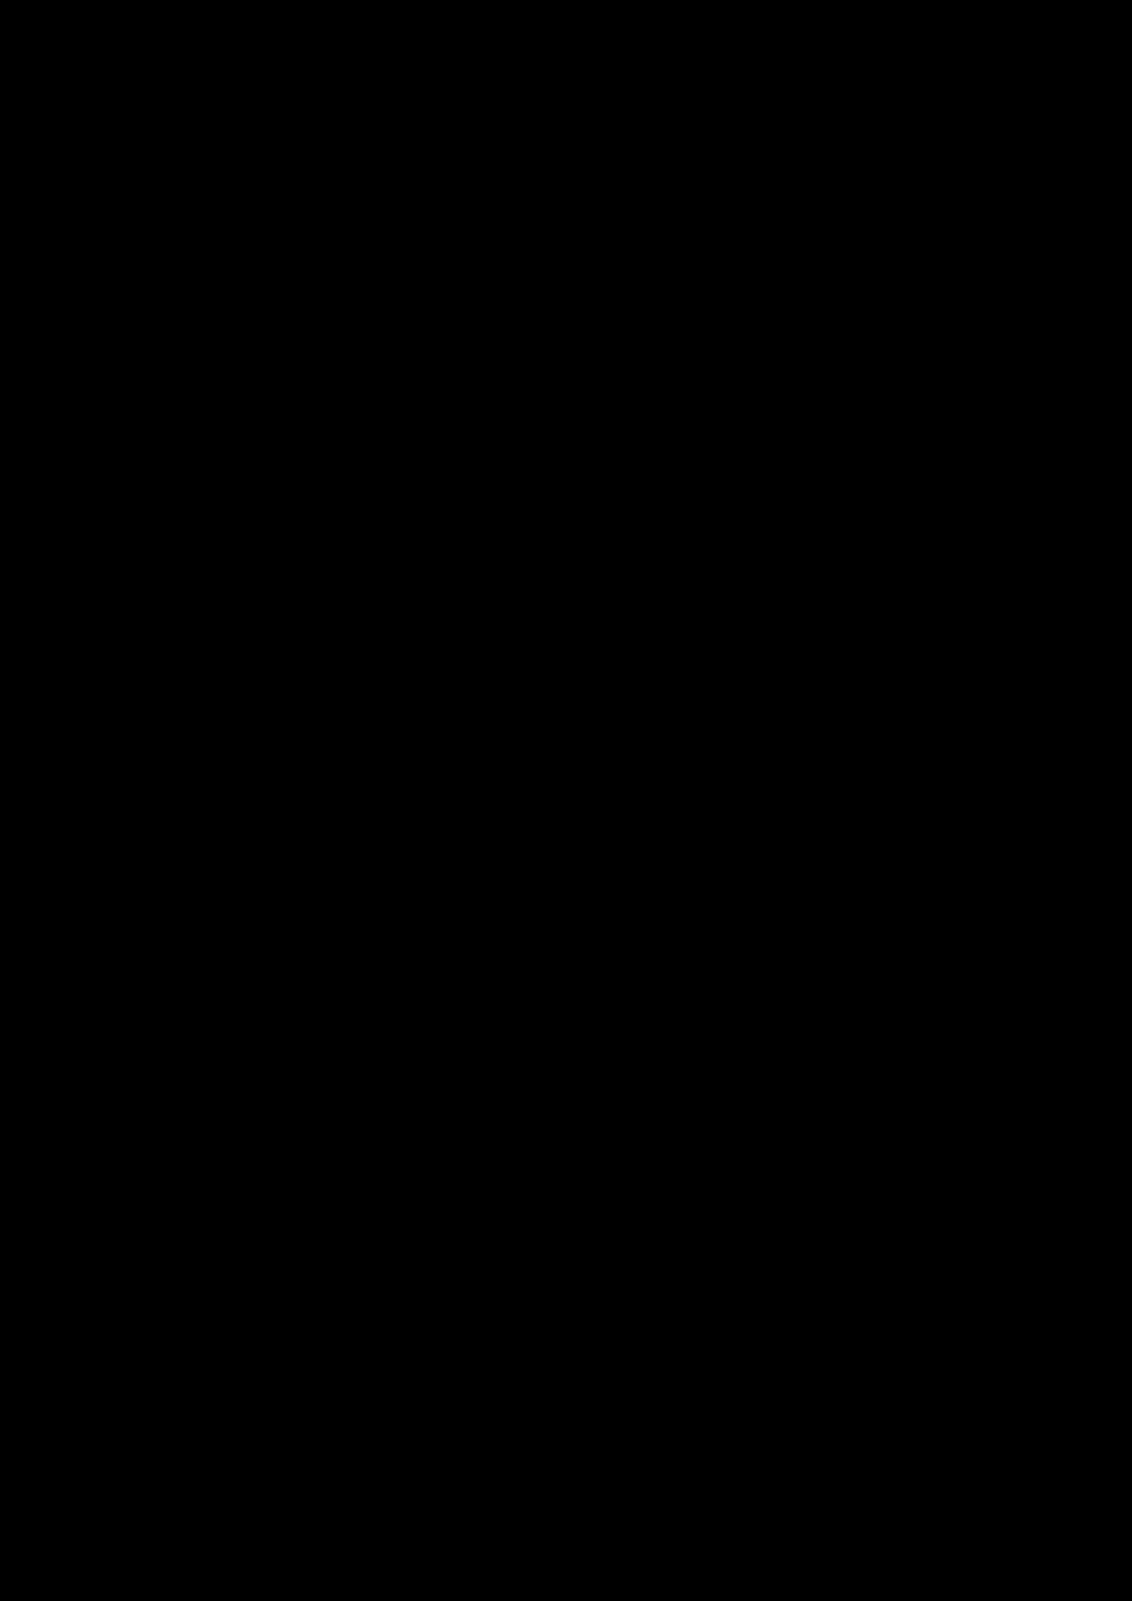 Osobyiy rezon slide, Image 1